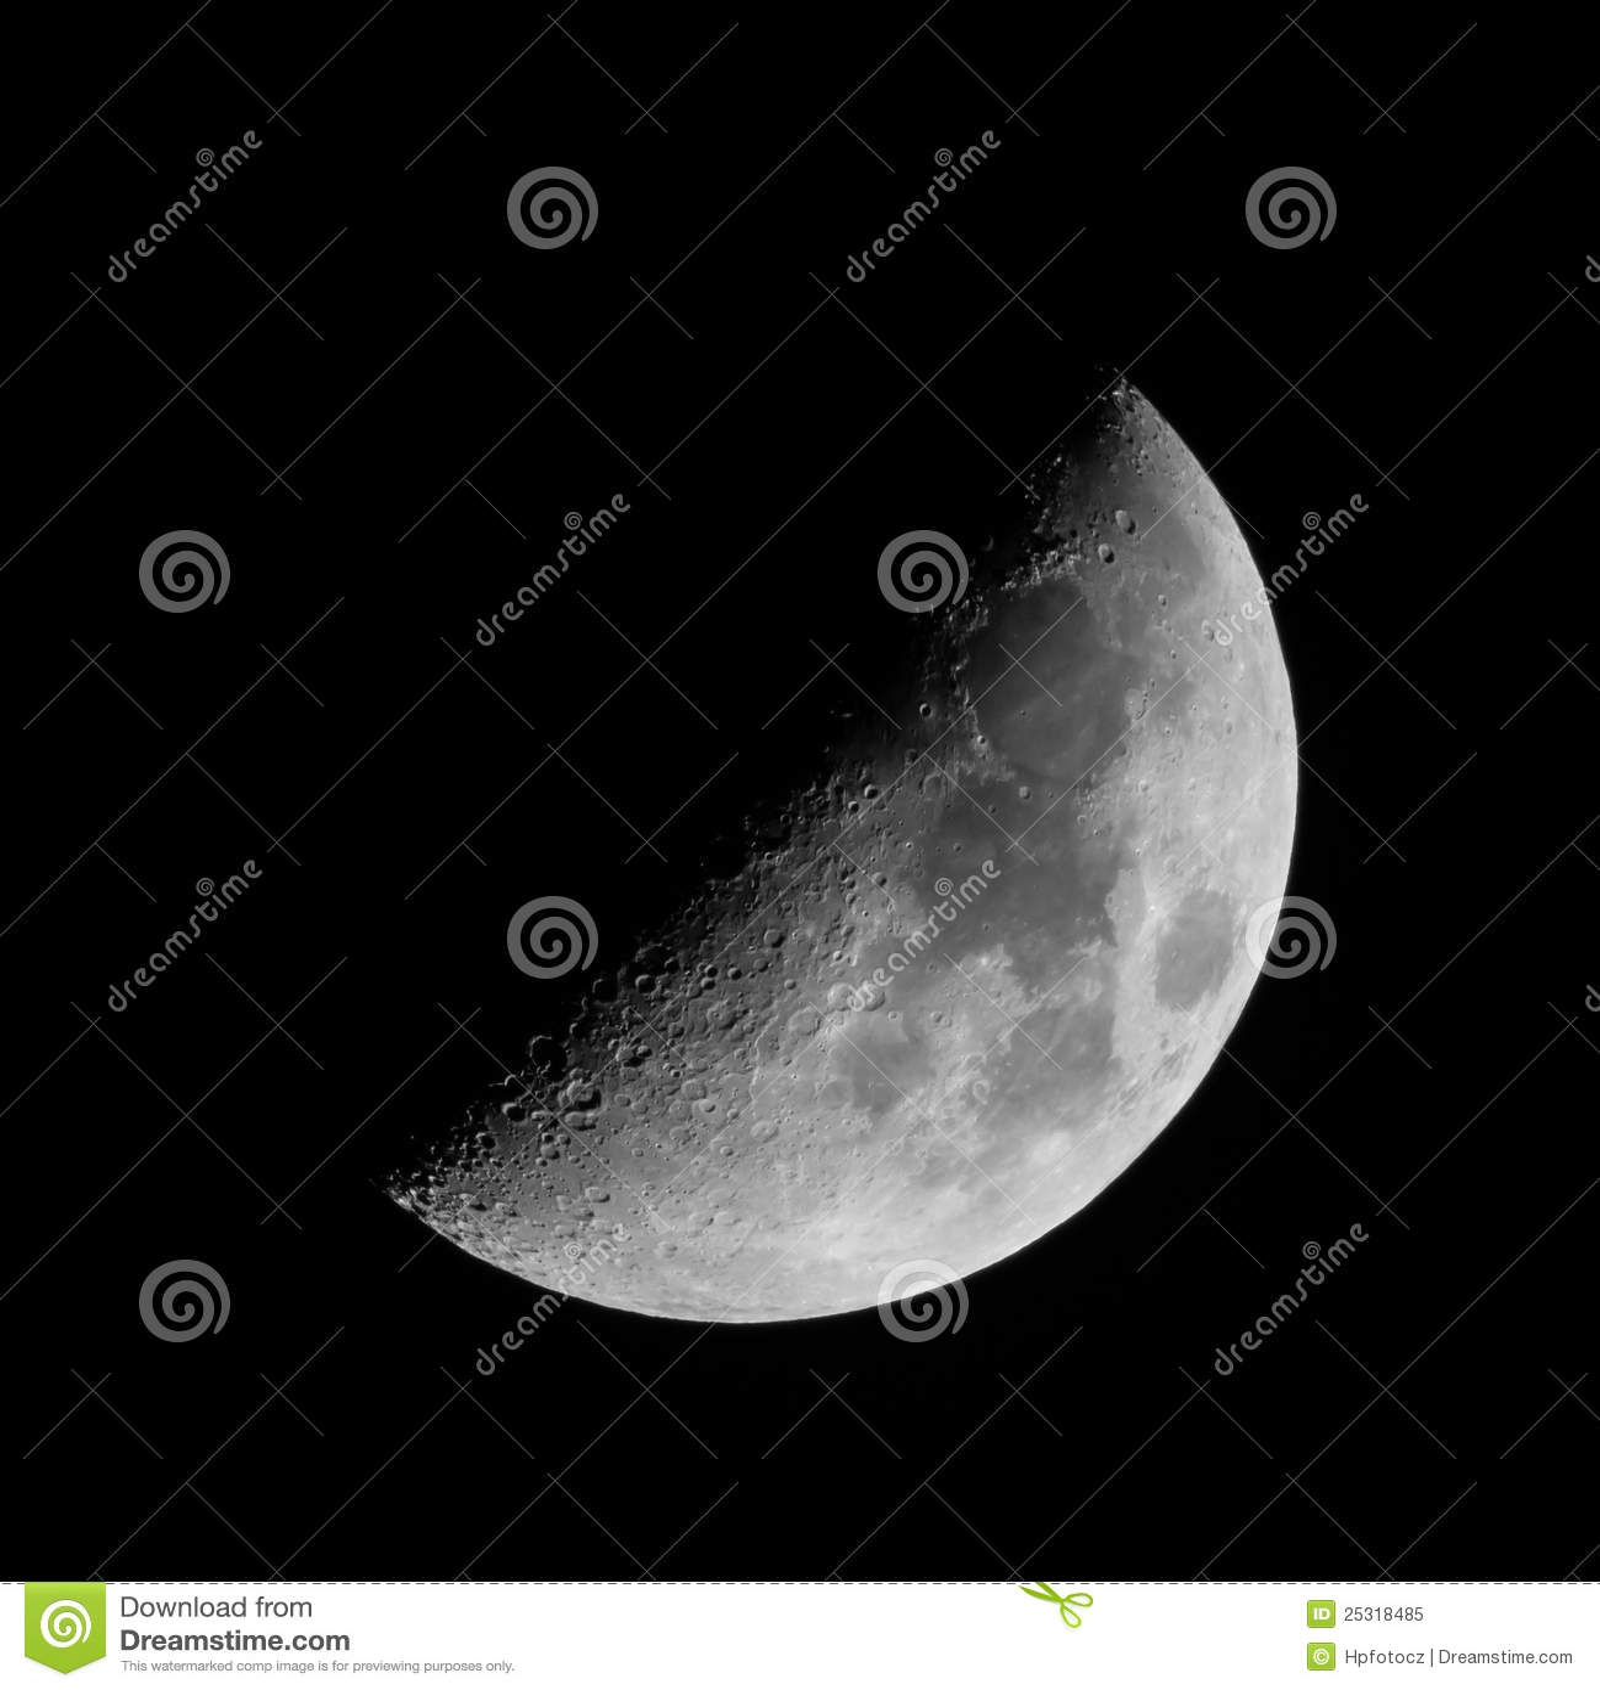 half moon in sky